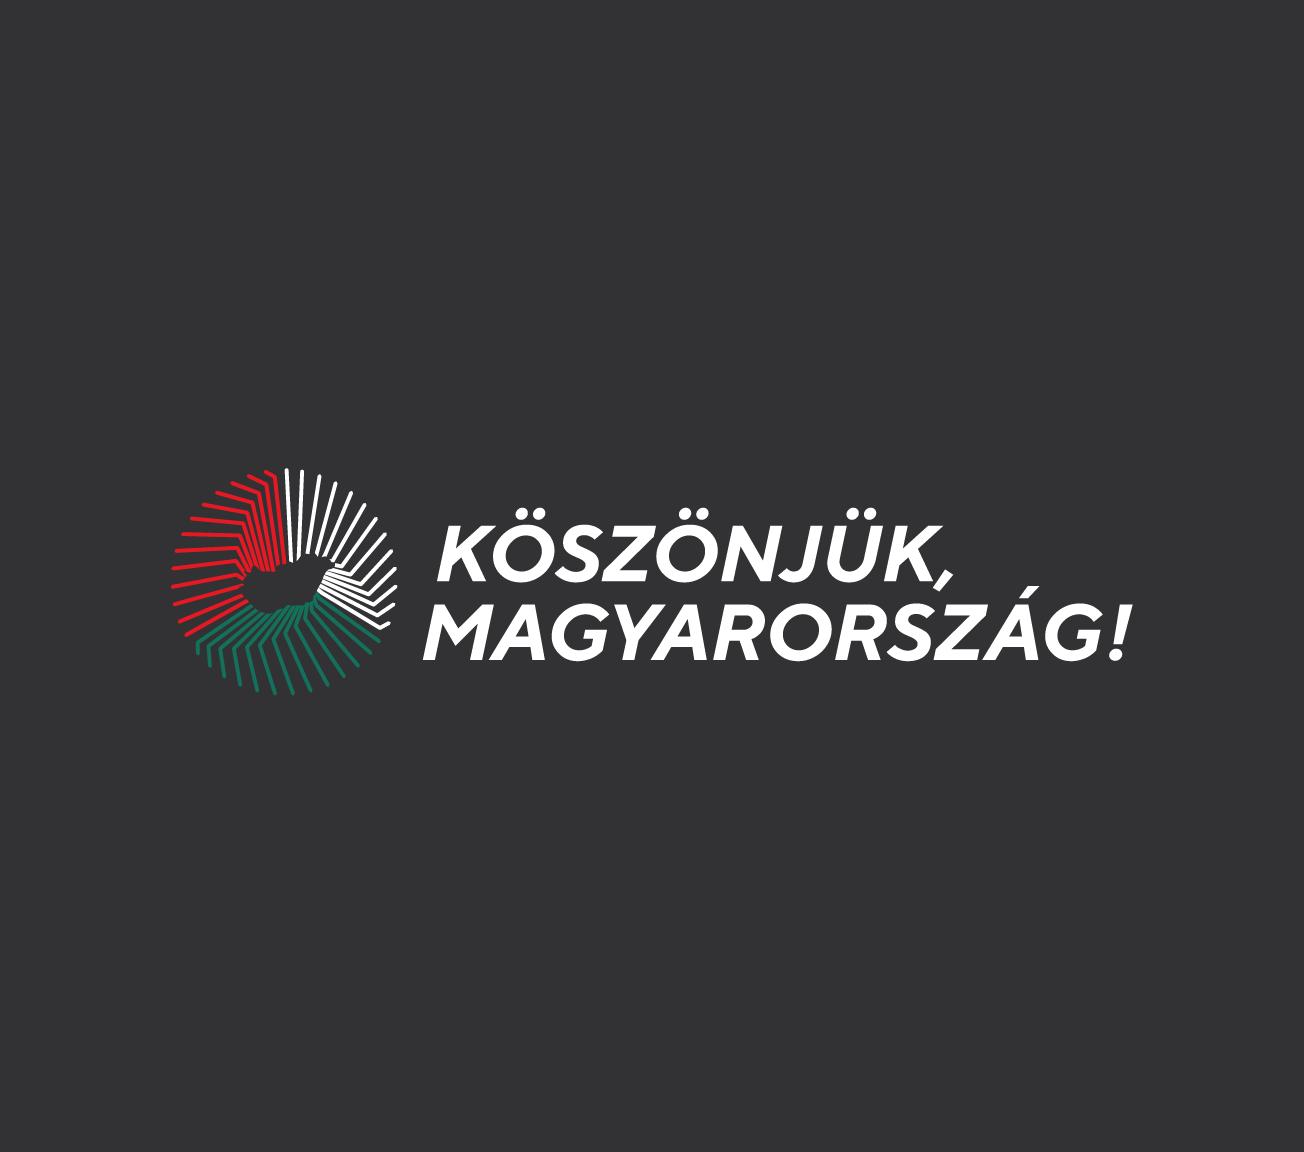 Köszönjük Magyarország digitális marketing stratégia